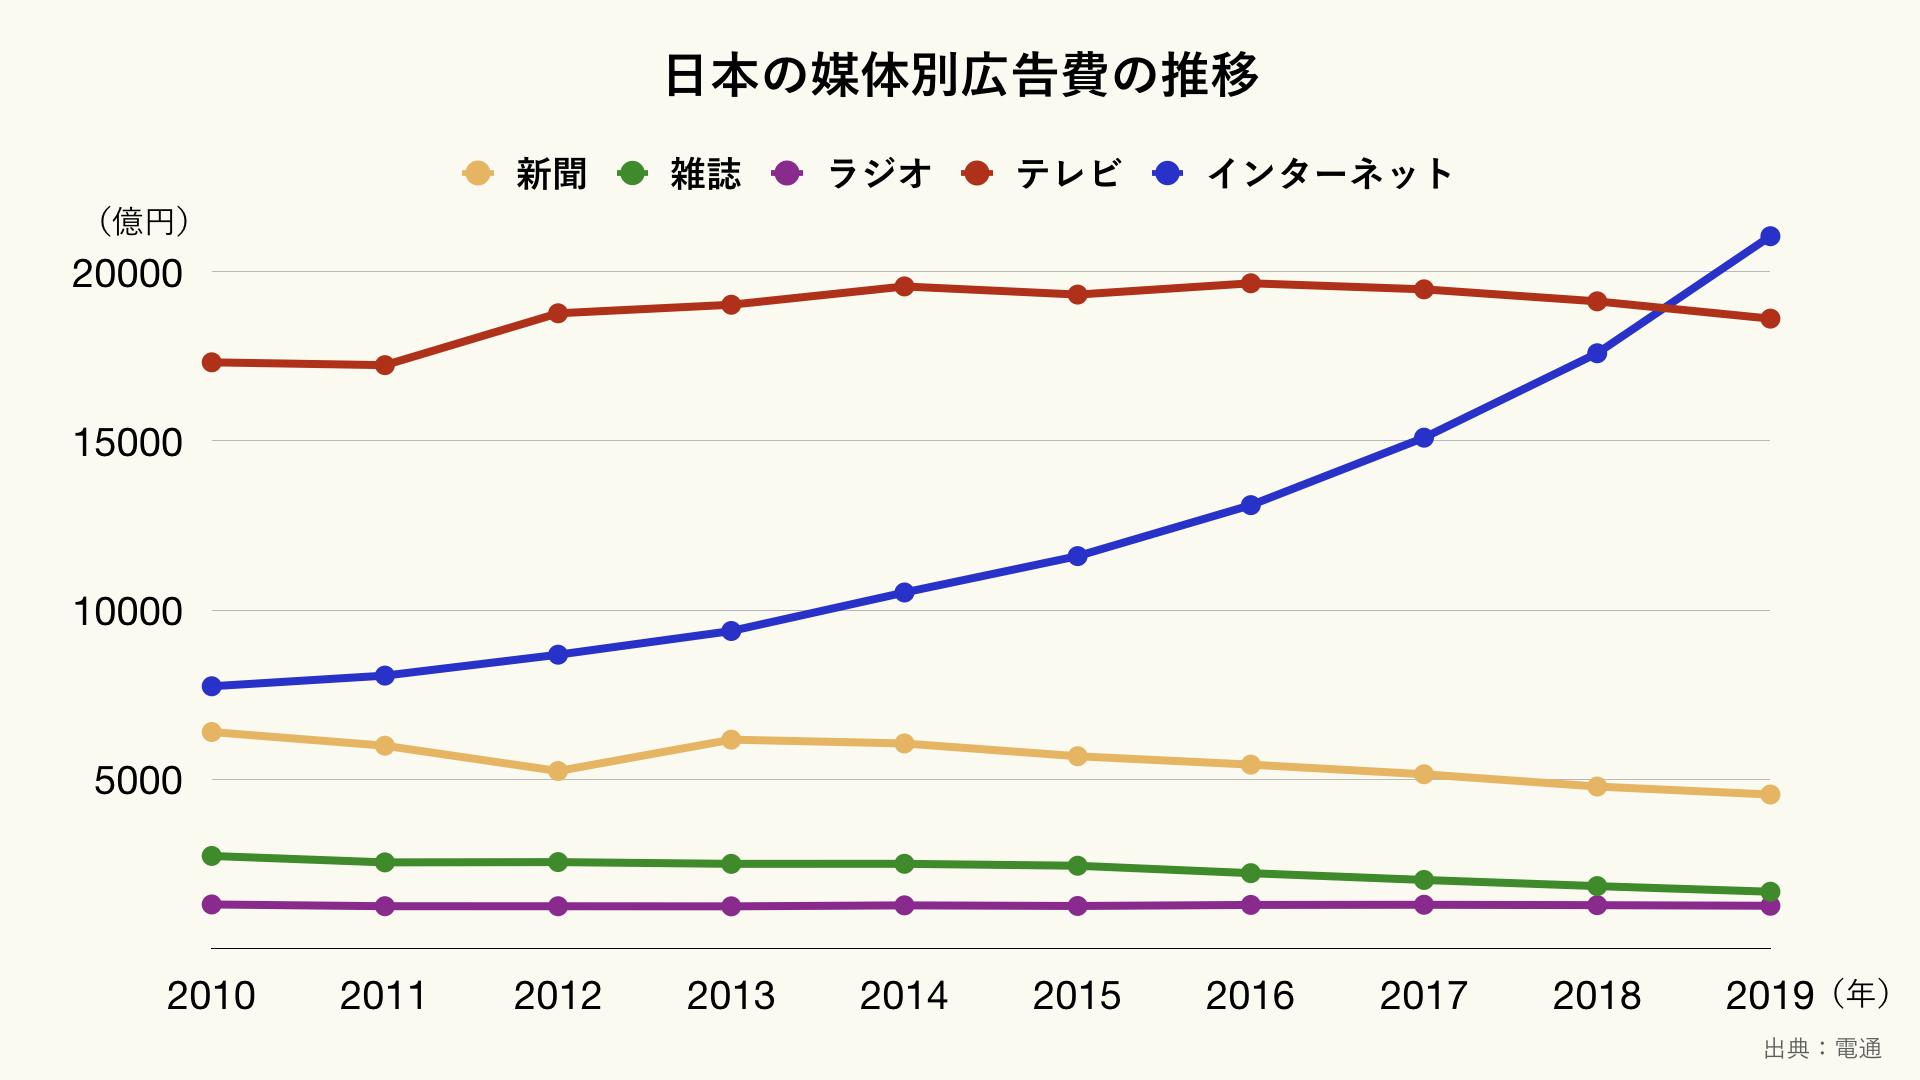 日本の媒体別広告費の推移(クリーム)